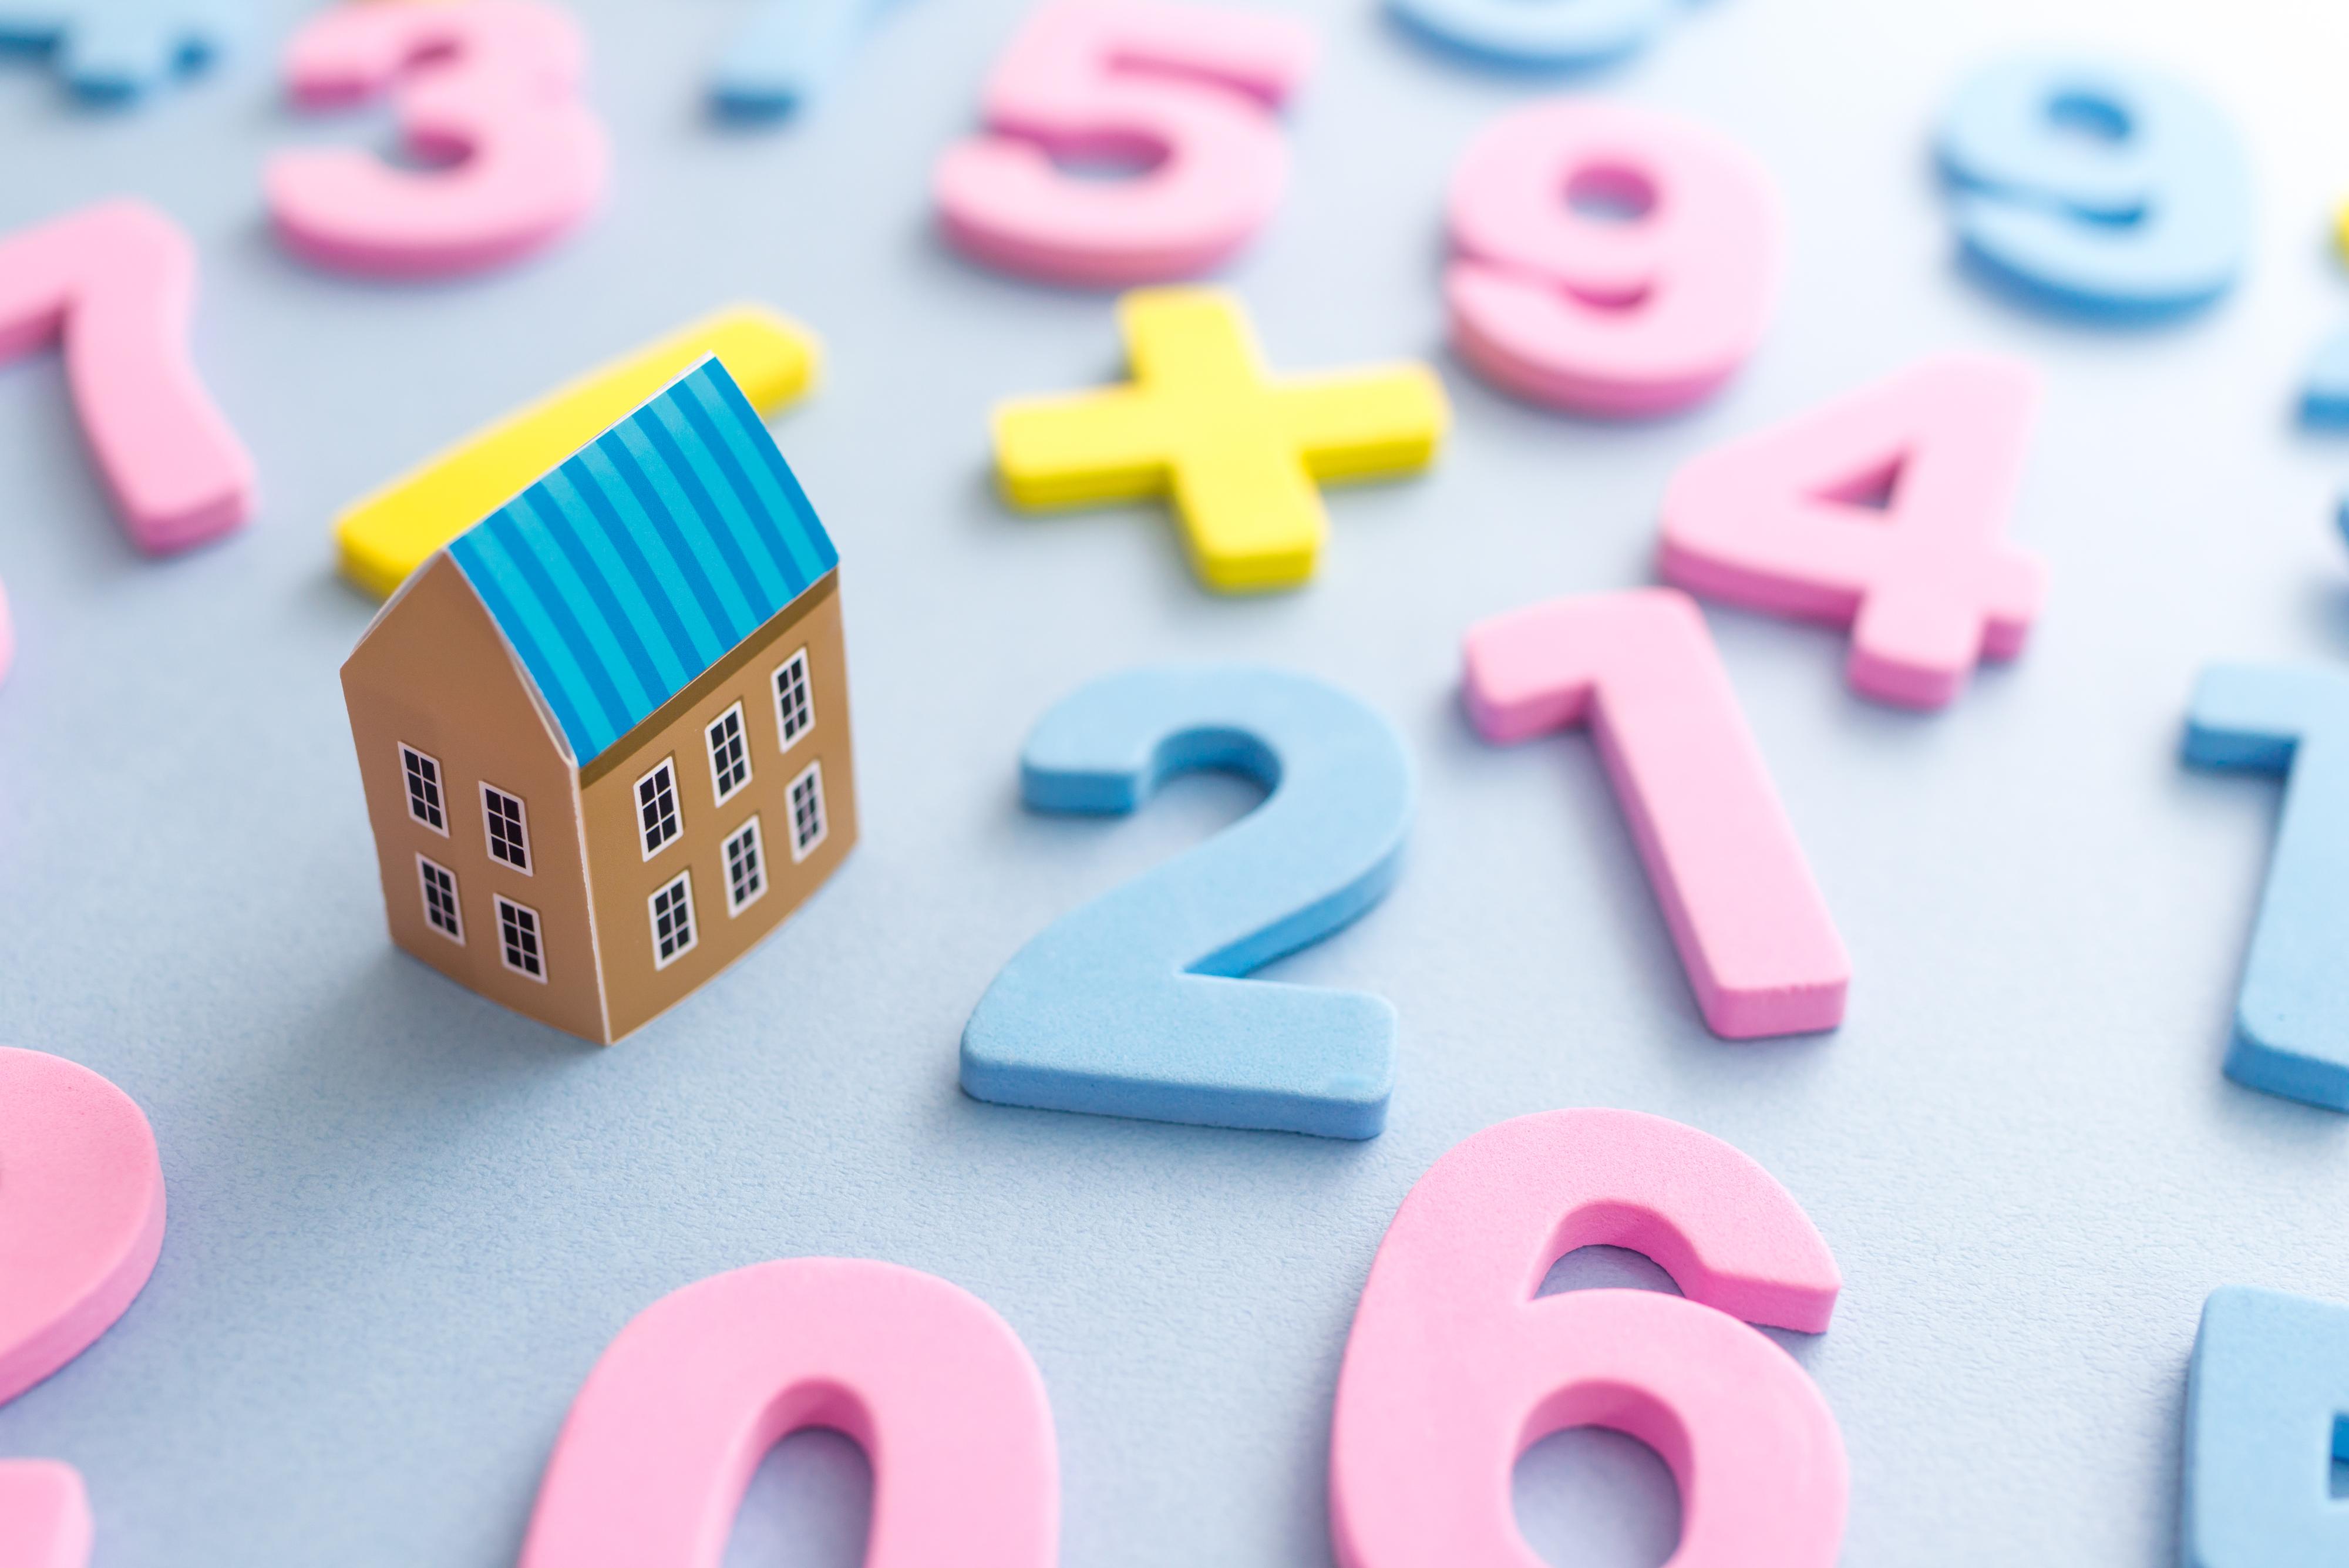 新築を購入する時に気をつけたい5つの点